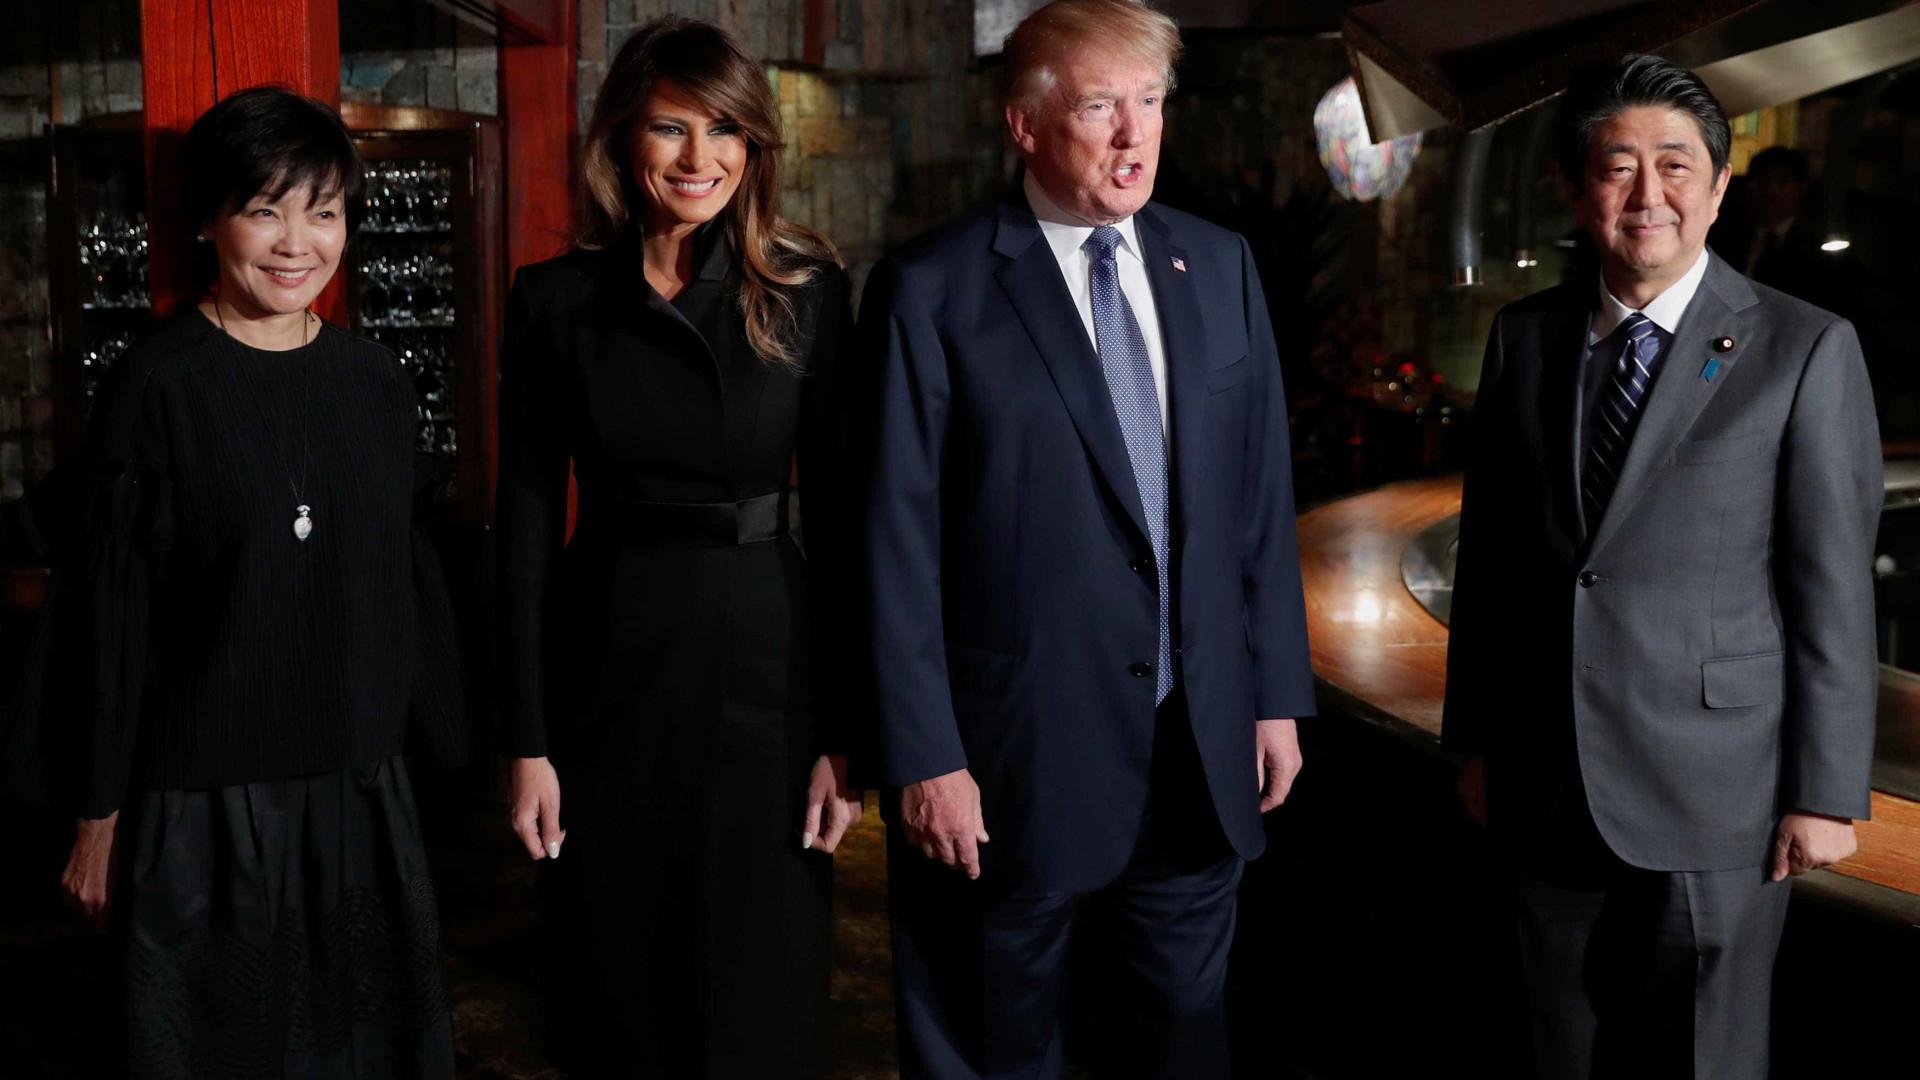 Visita de Trump à Coreia do Sul deixa todos nervosos na região